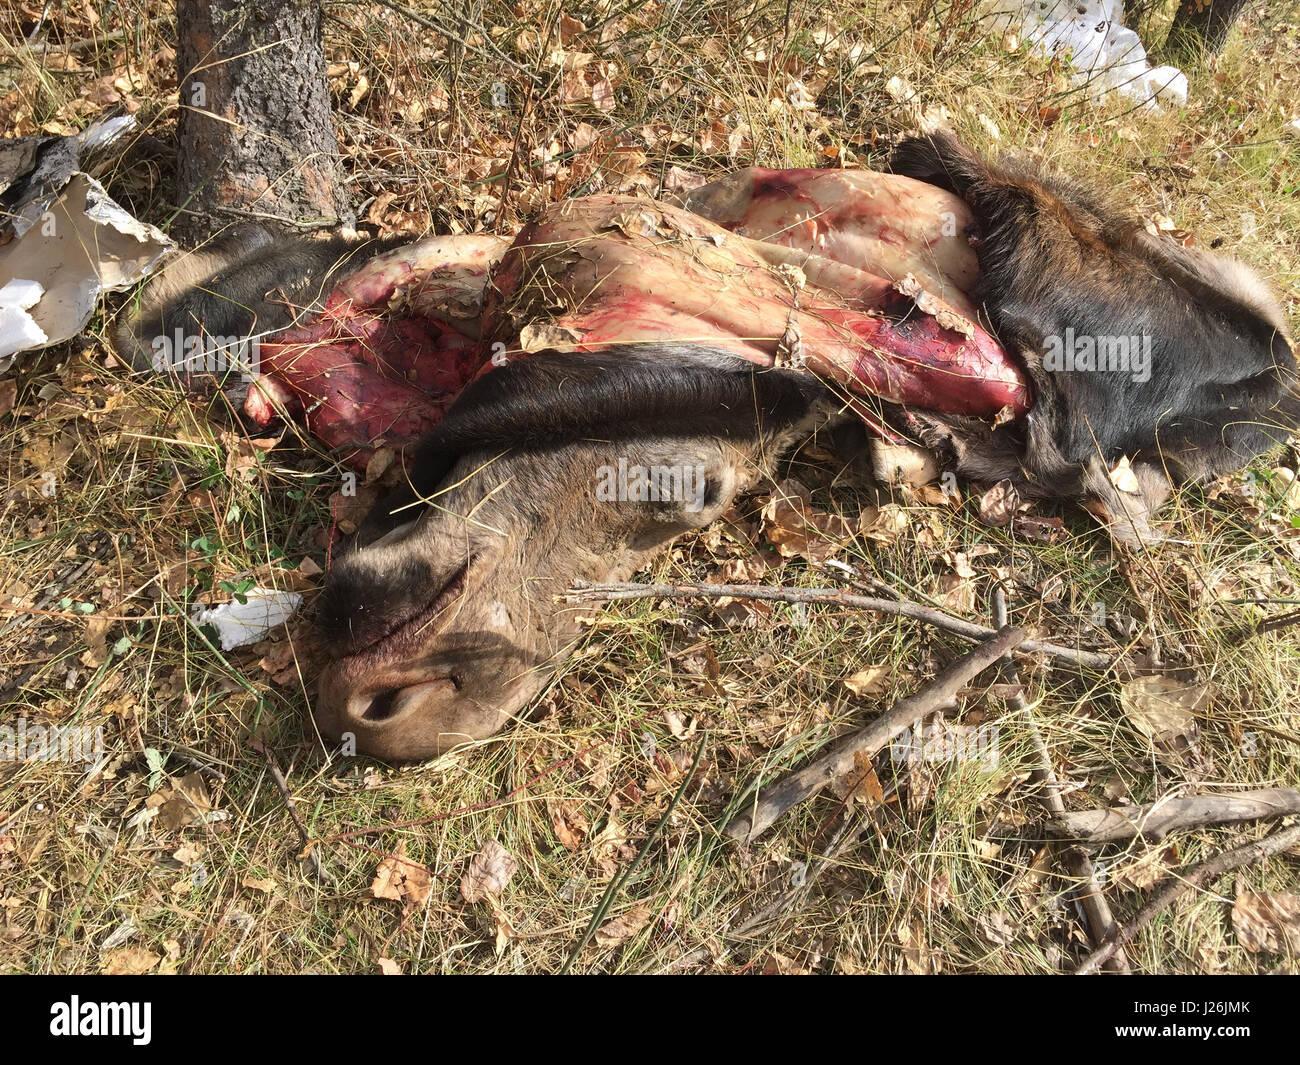 dead moose stock photos u0026 dead moose stock images alamy